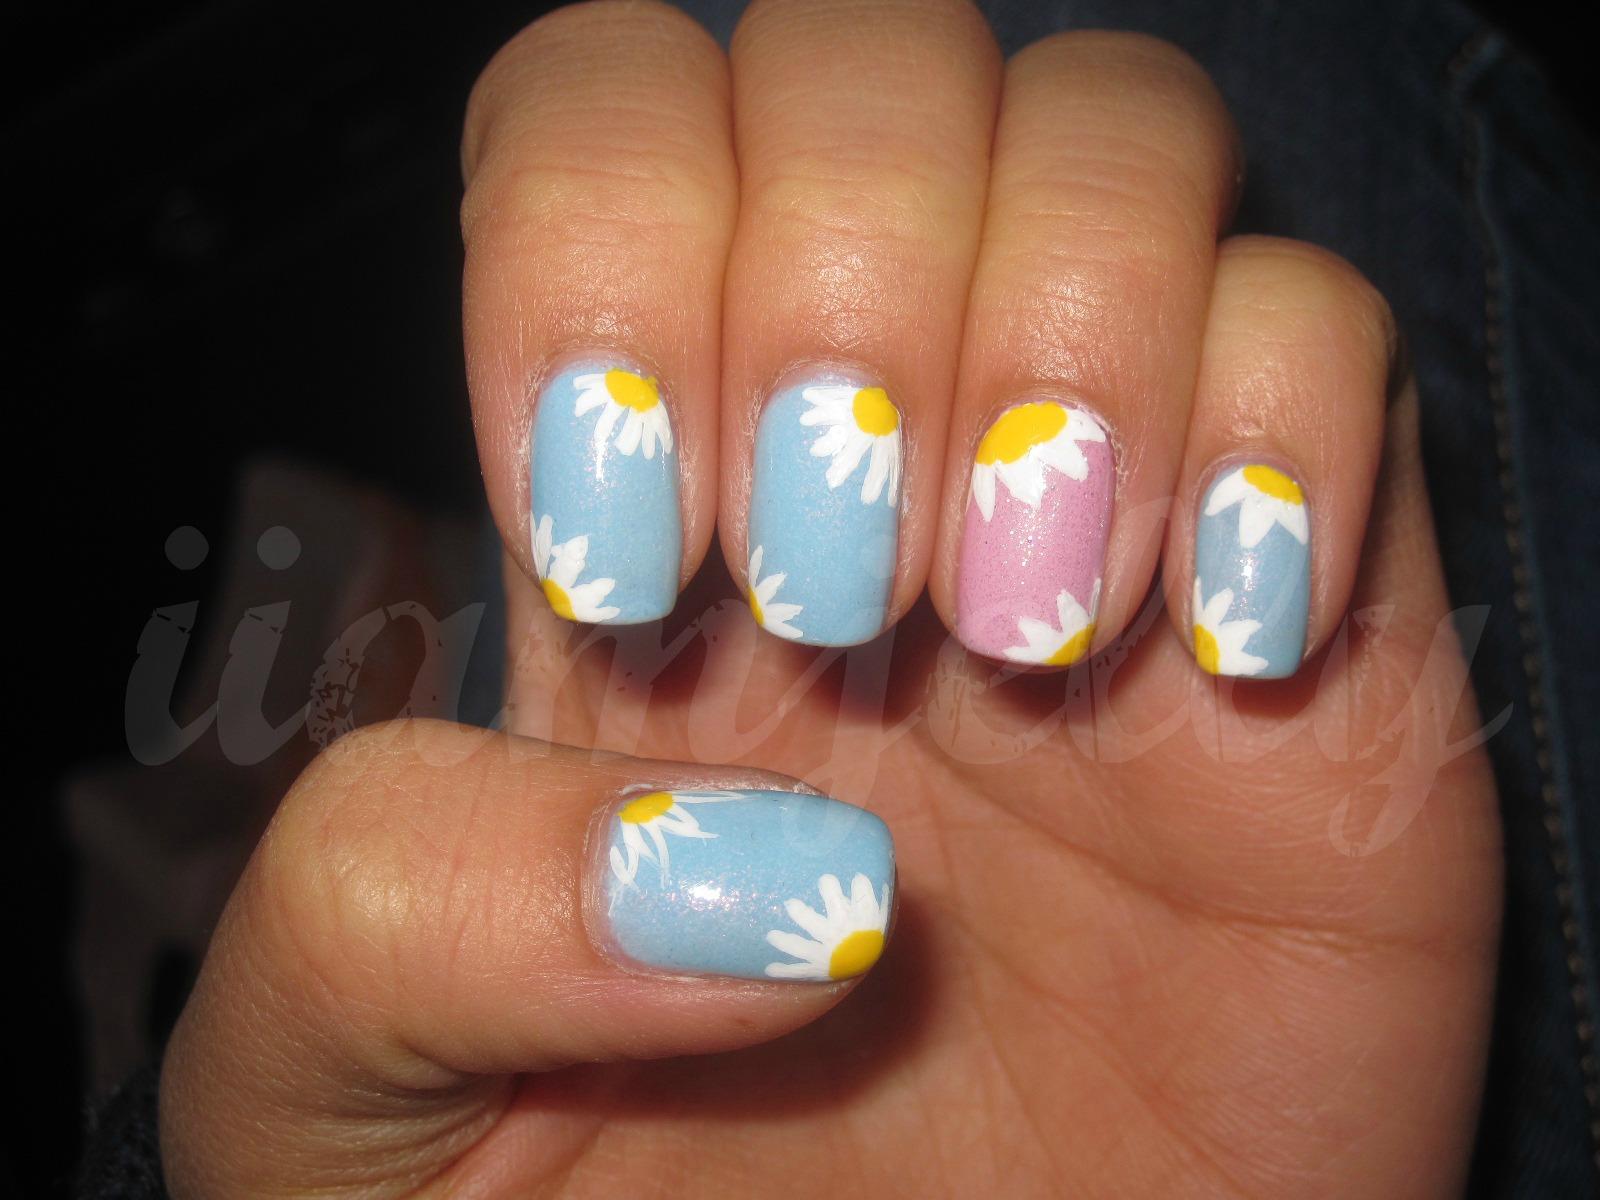 Daisy nail art ideas!